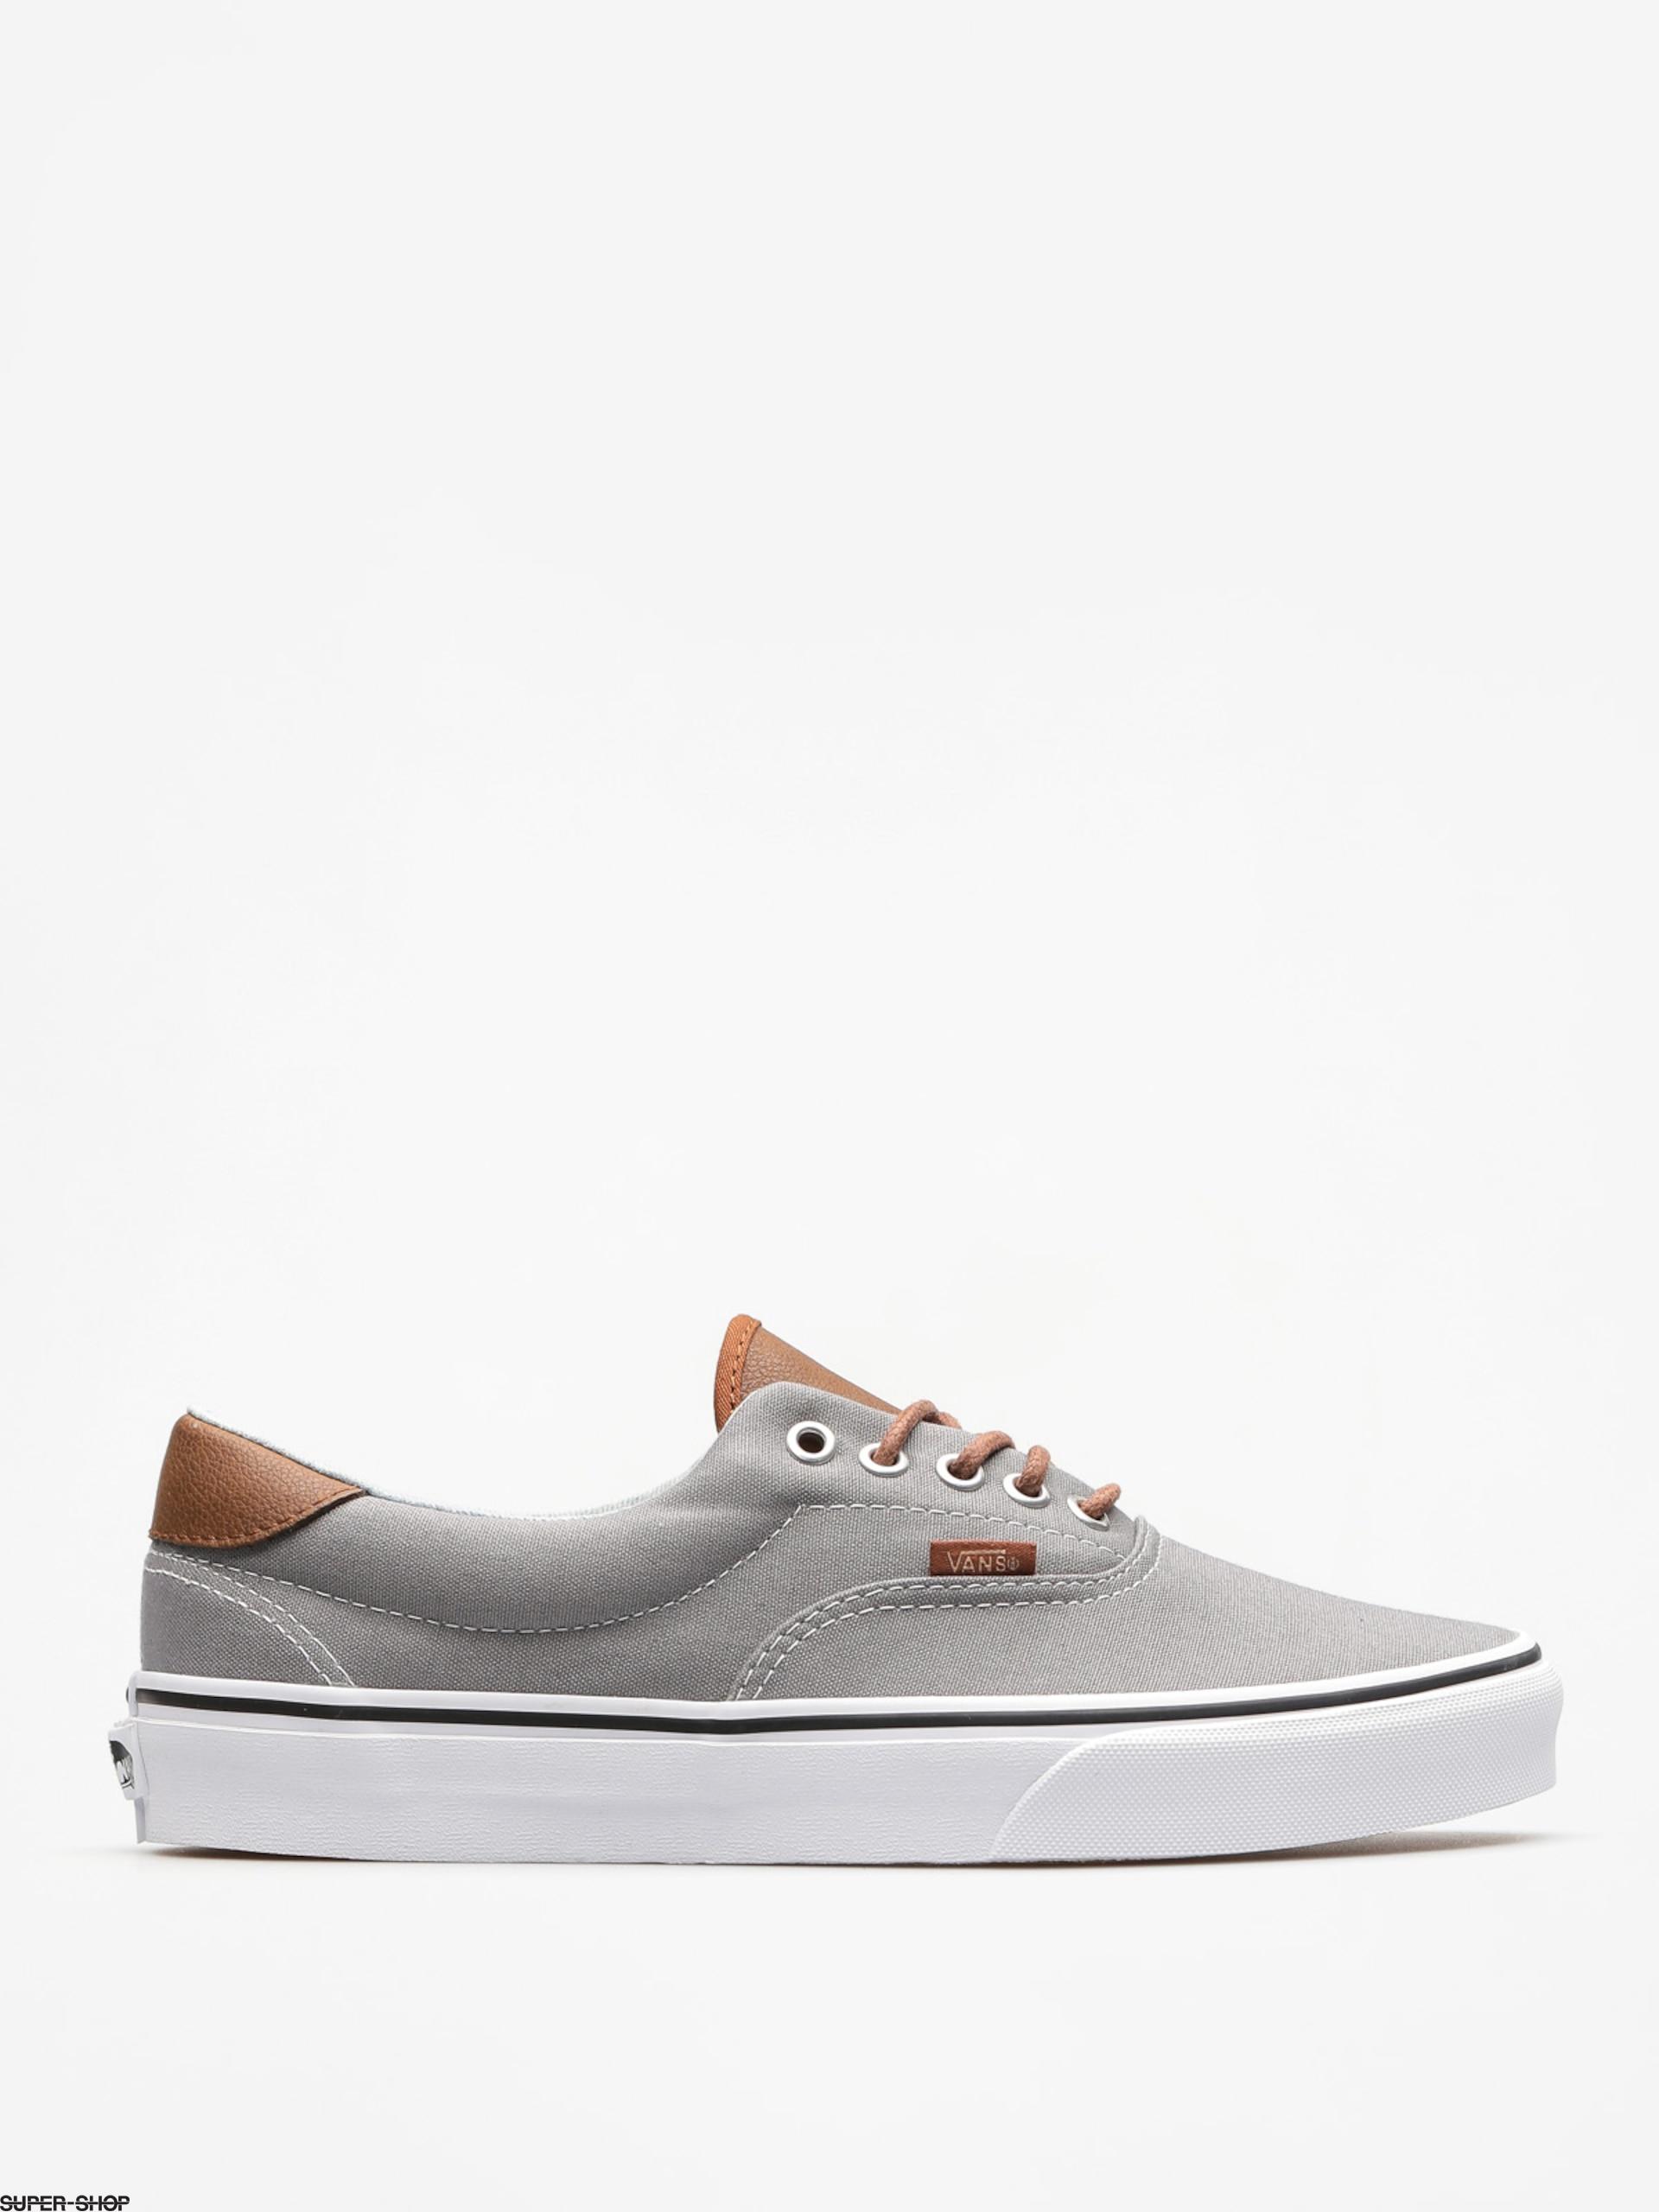 Vans Shoes Era 59 (c\u0026l/frost/gray/acid